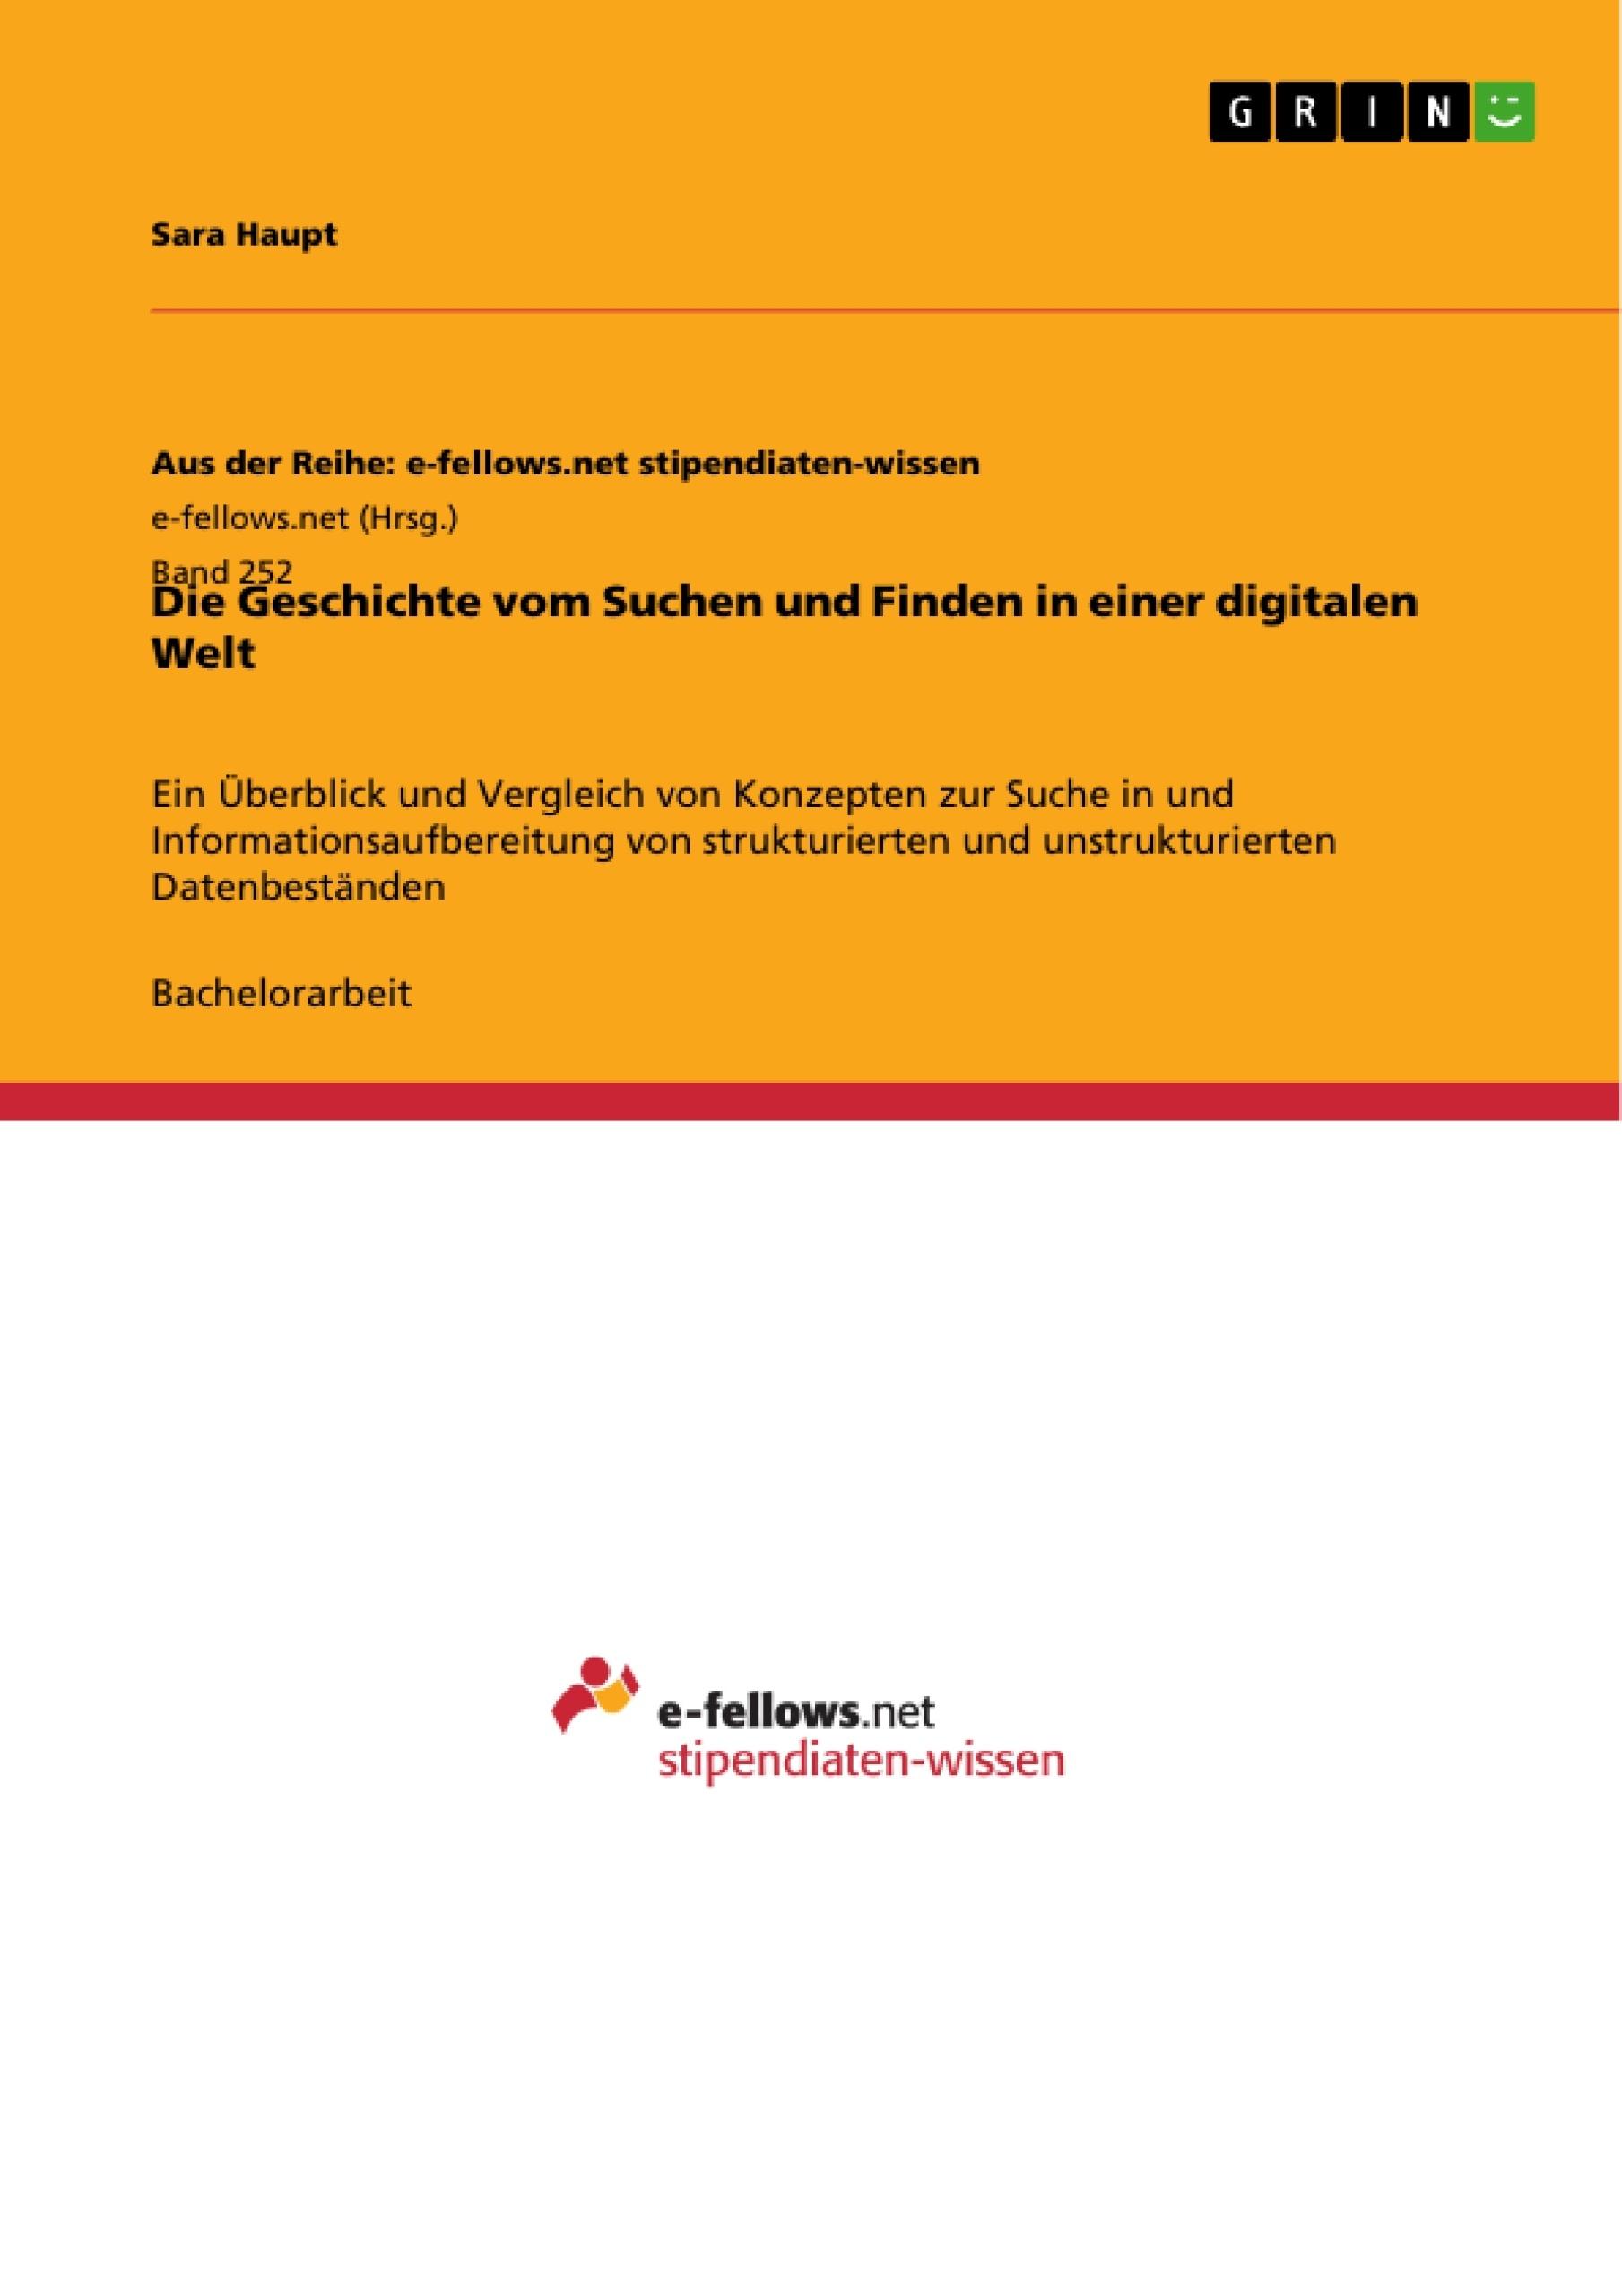 Titel: Die Geschichte vom Suchen und Finden in einer digitalen Welt